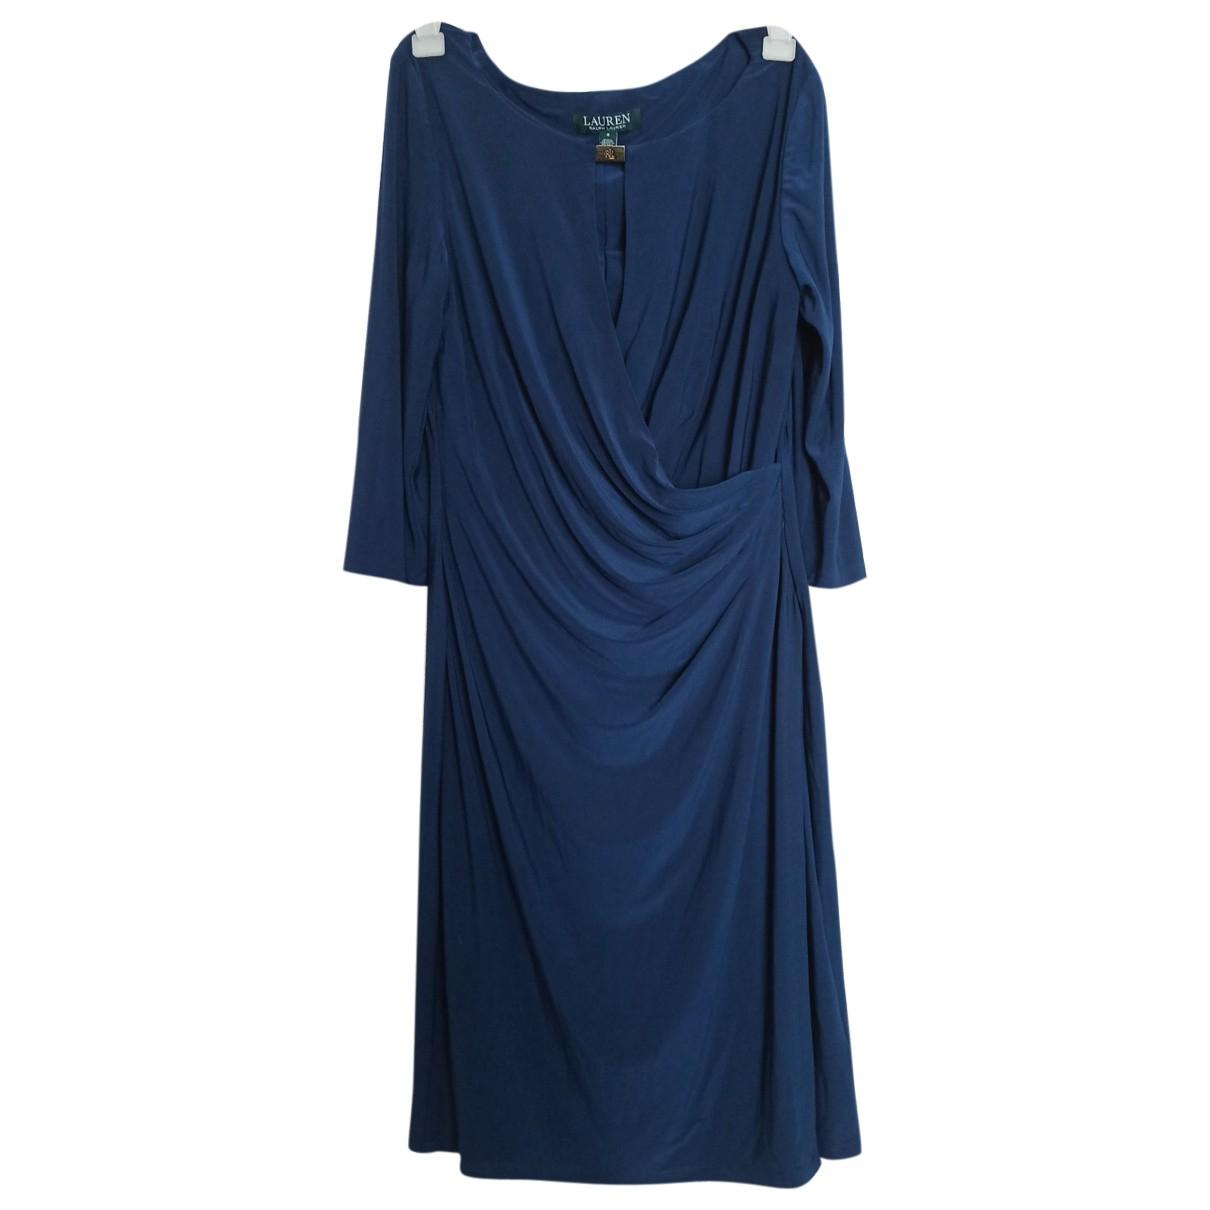 Lauren Ralph Lauren \N Kleid in  Blau Polyester